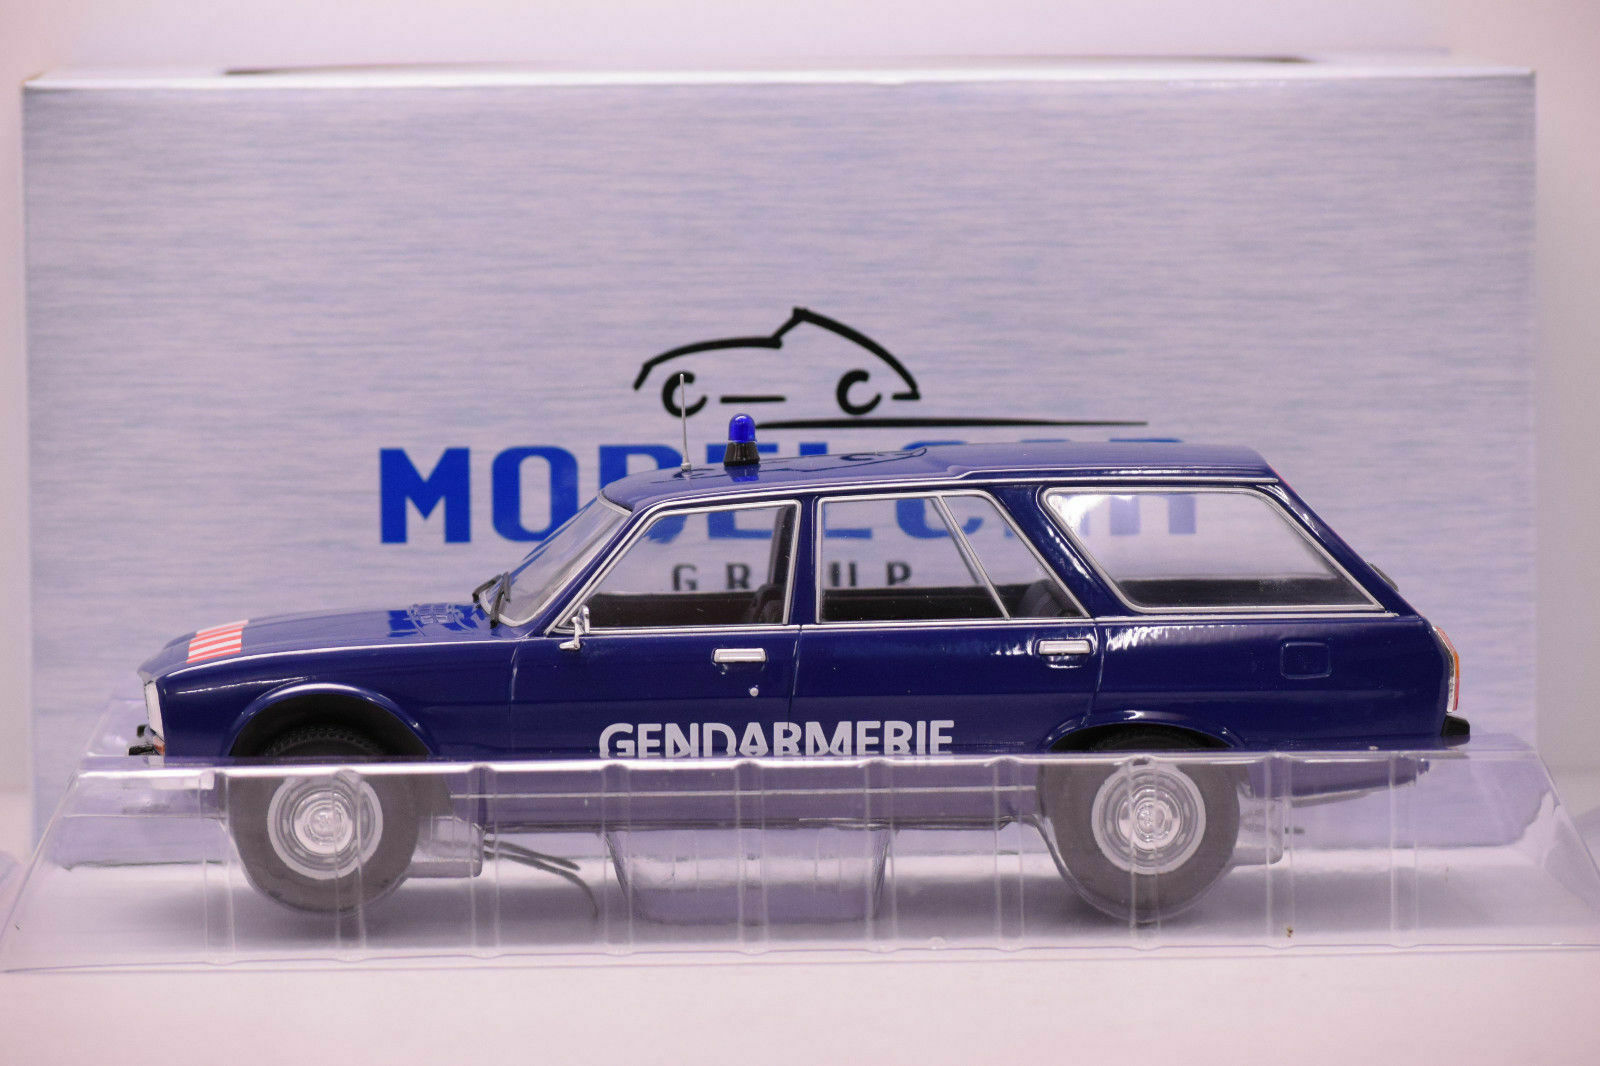 1 18 Peugeot 504 Break Gendarmerie  1974 -1984 Model voiture 18036 Neuf Boite  vente en ligne